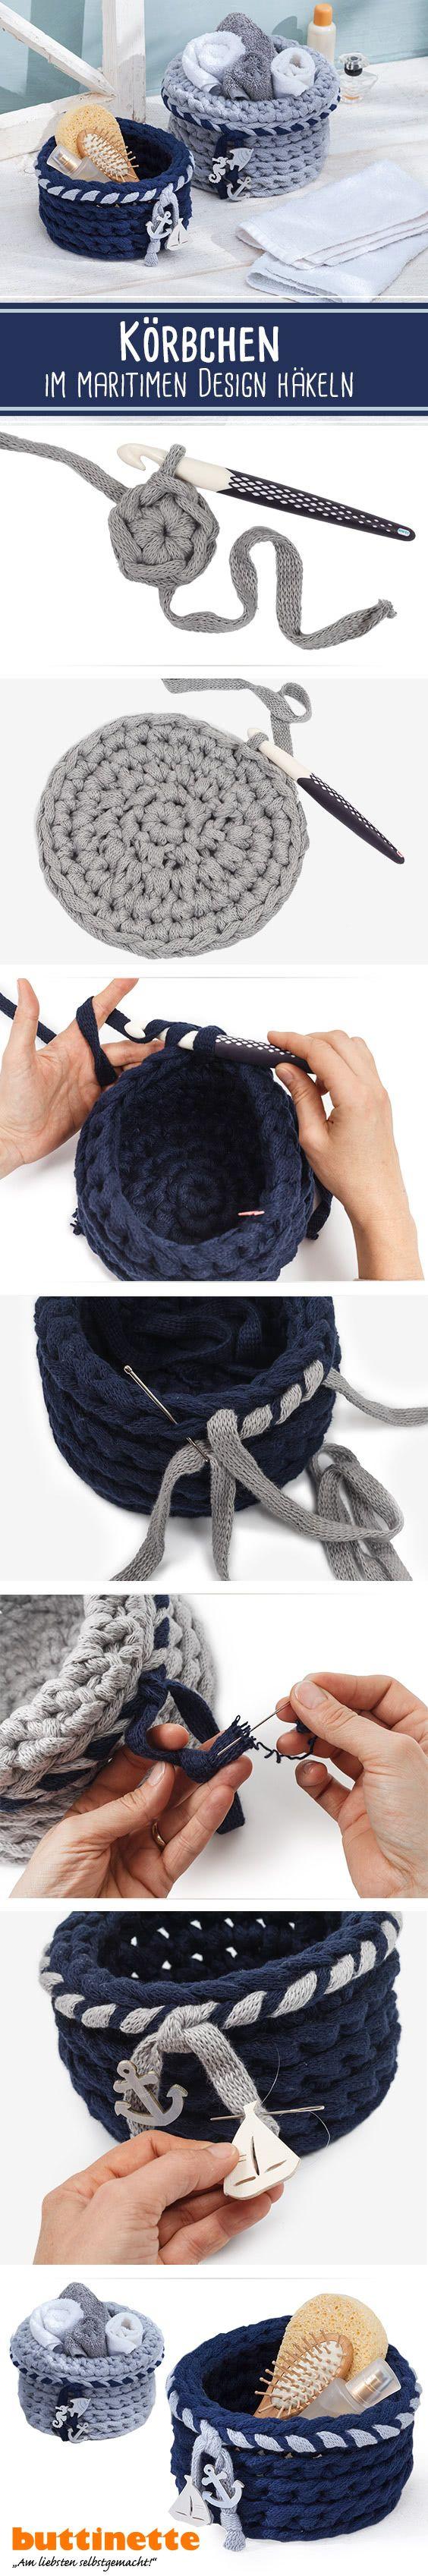 Photo of Crochet basket in a maritime design #maritim # crochet #buttinette #buttinettek …